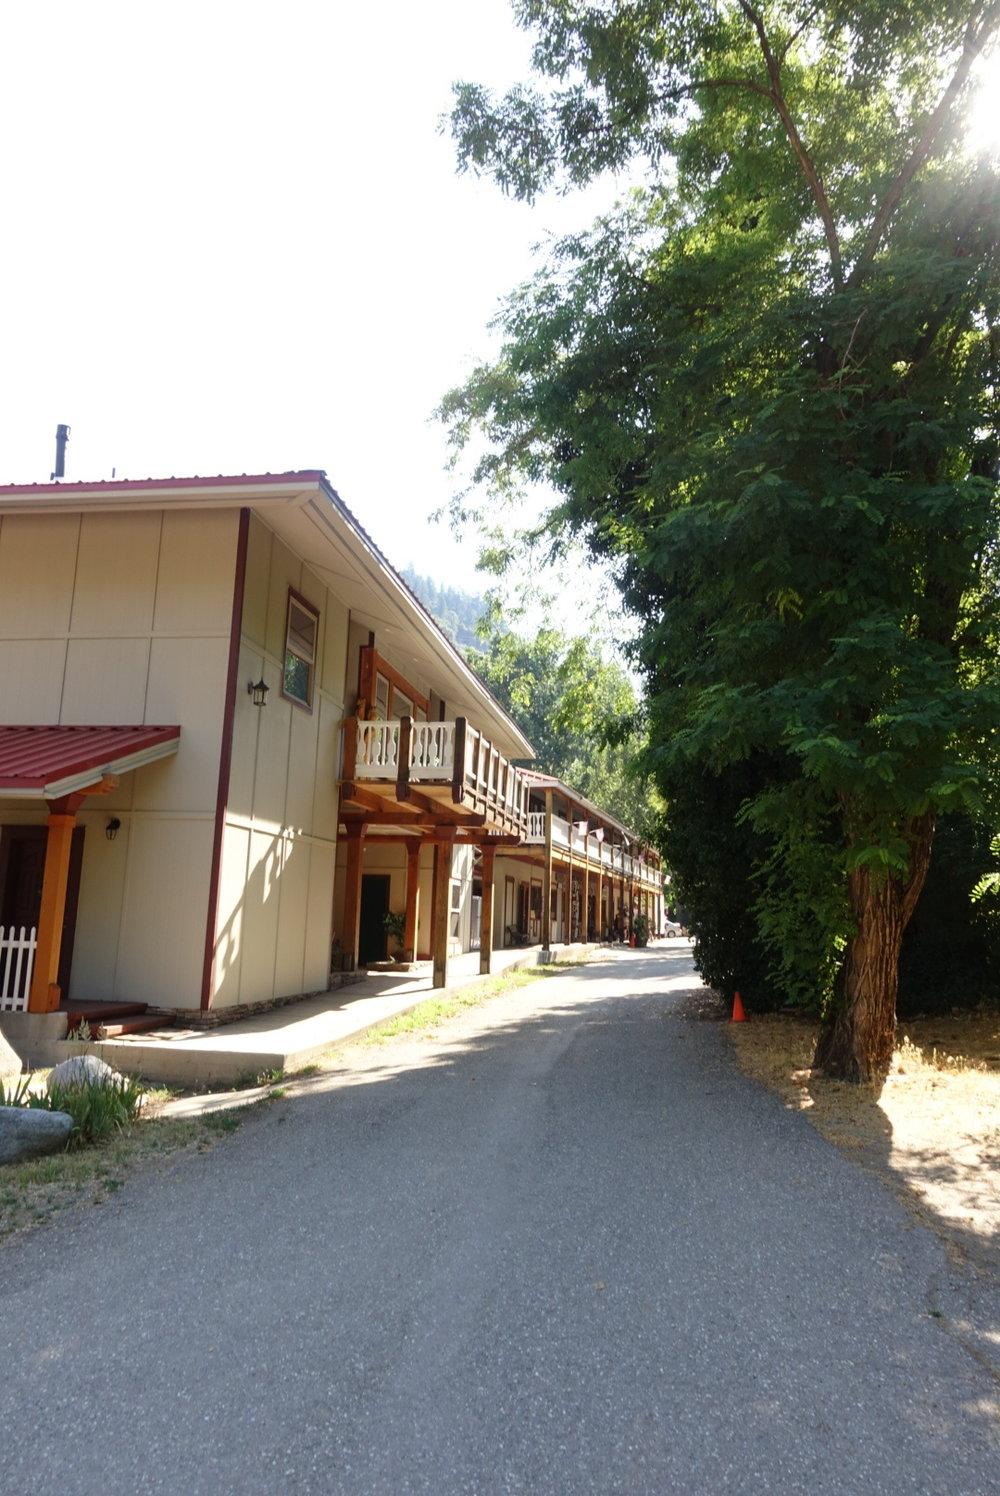 Belden town resort.